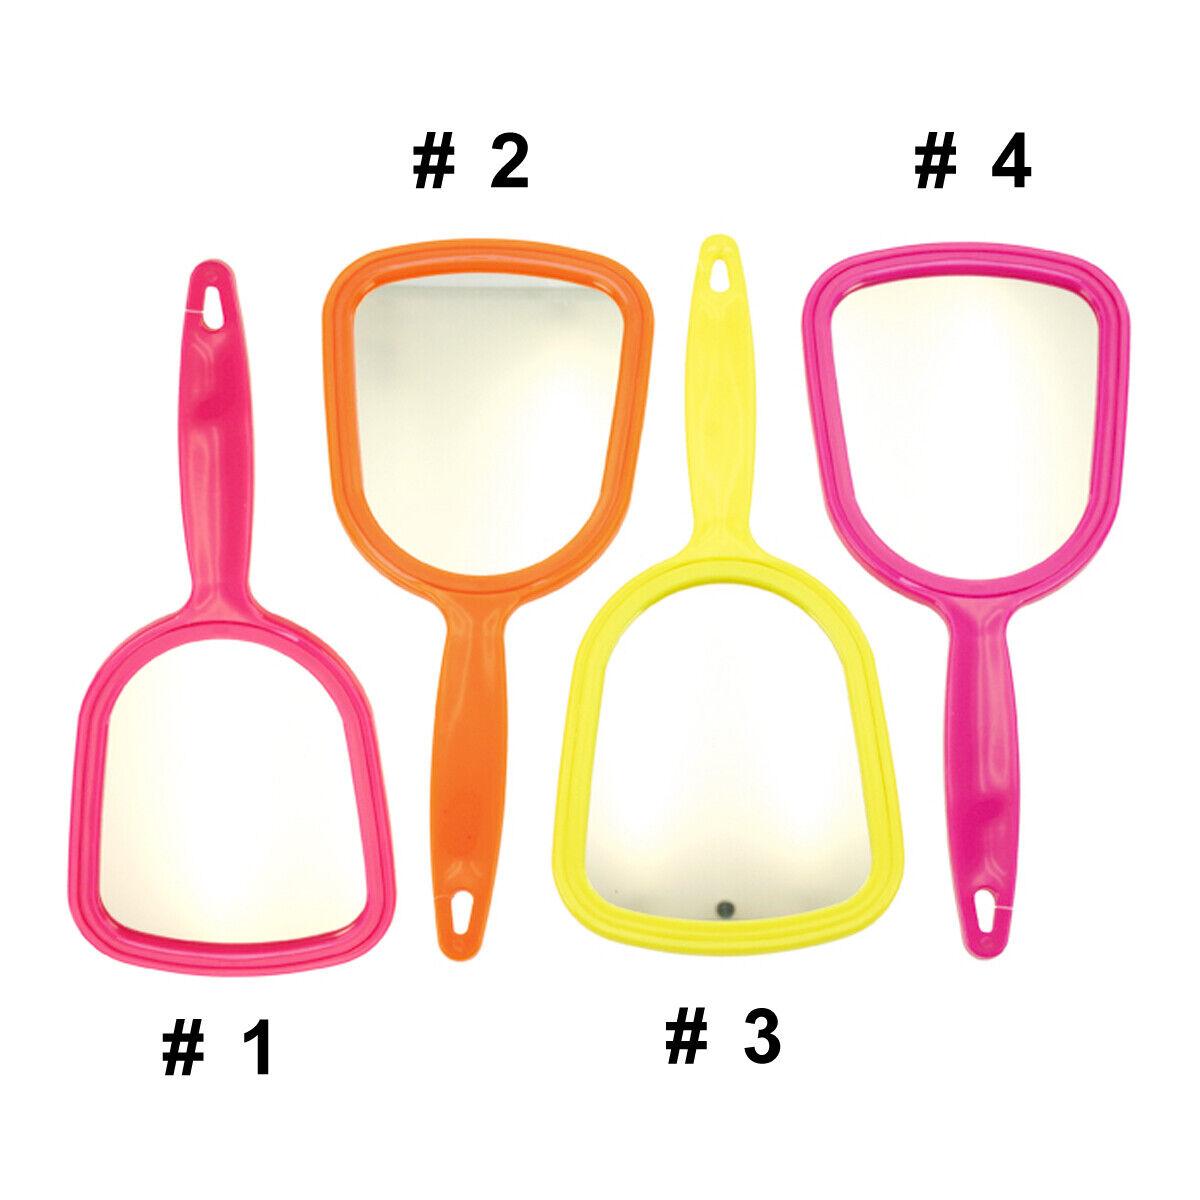 Neon Spiegel Handspiegel Kosmetikspiegel Reisespiegel mit Griff 21x10cm